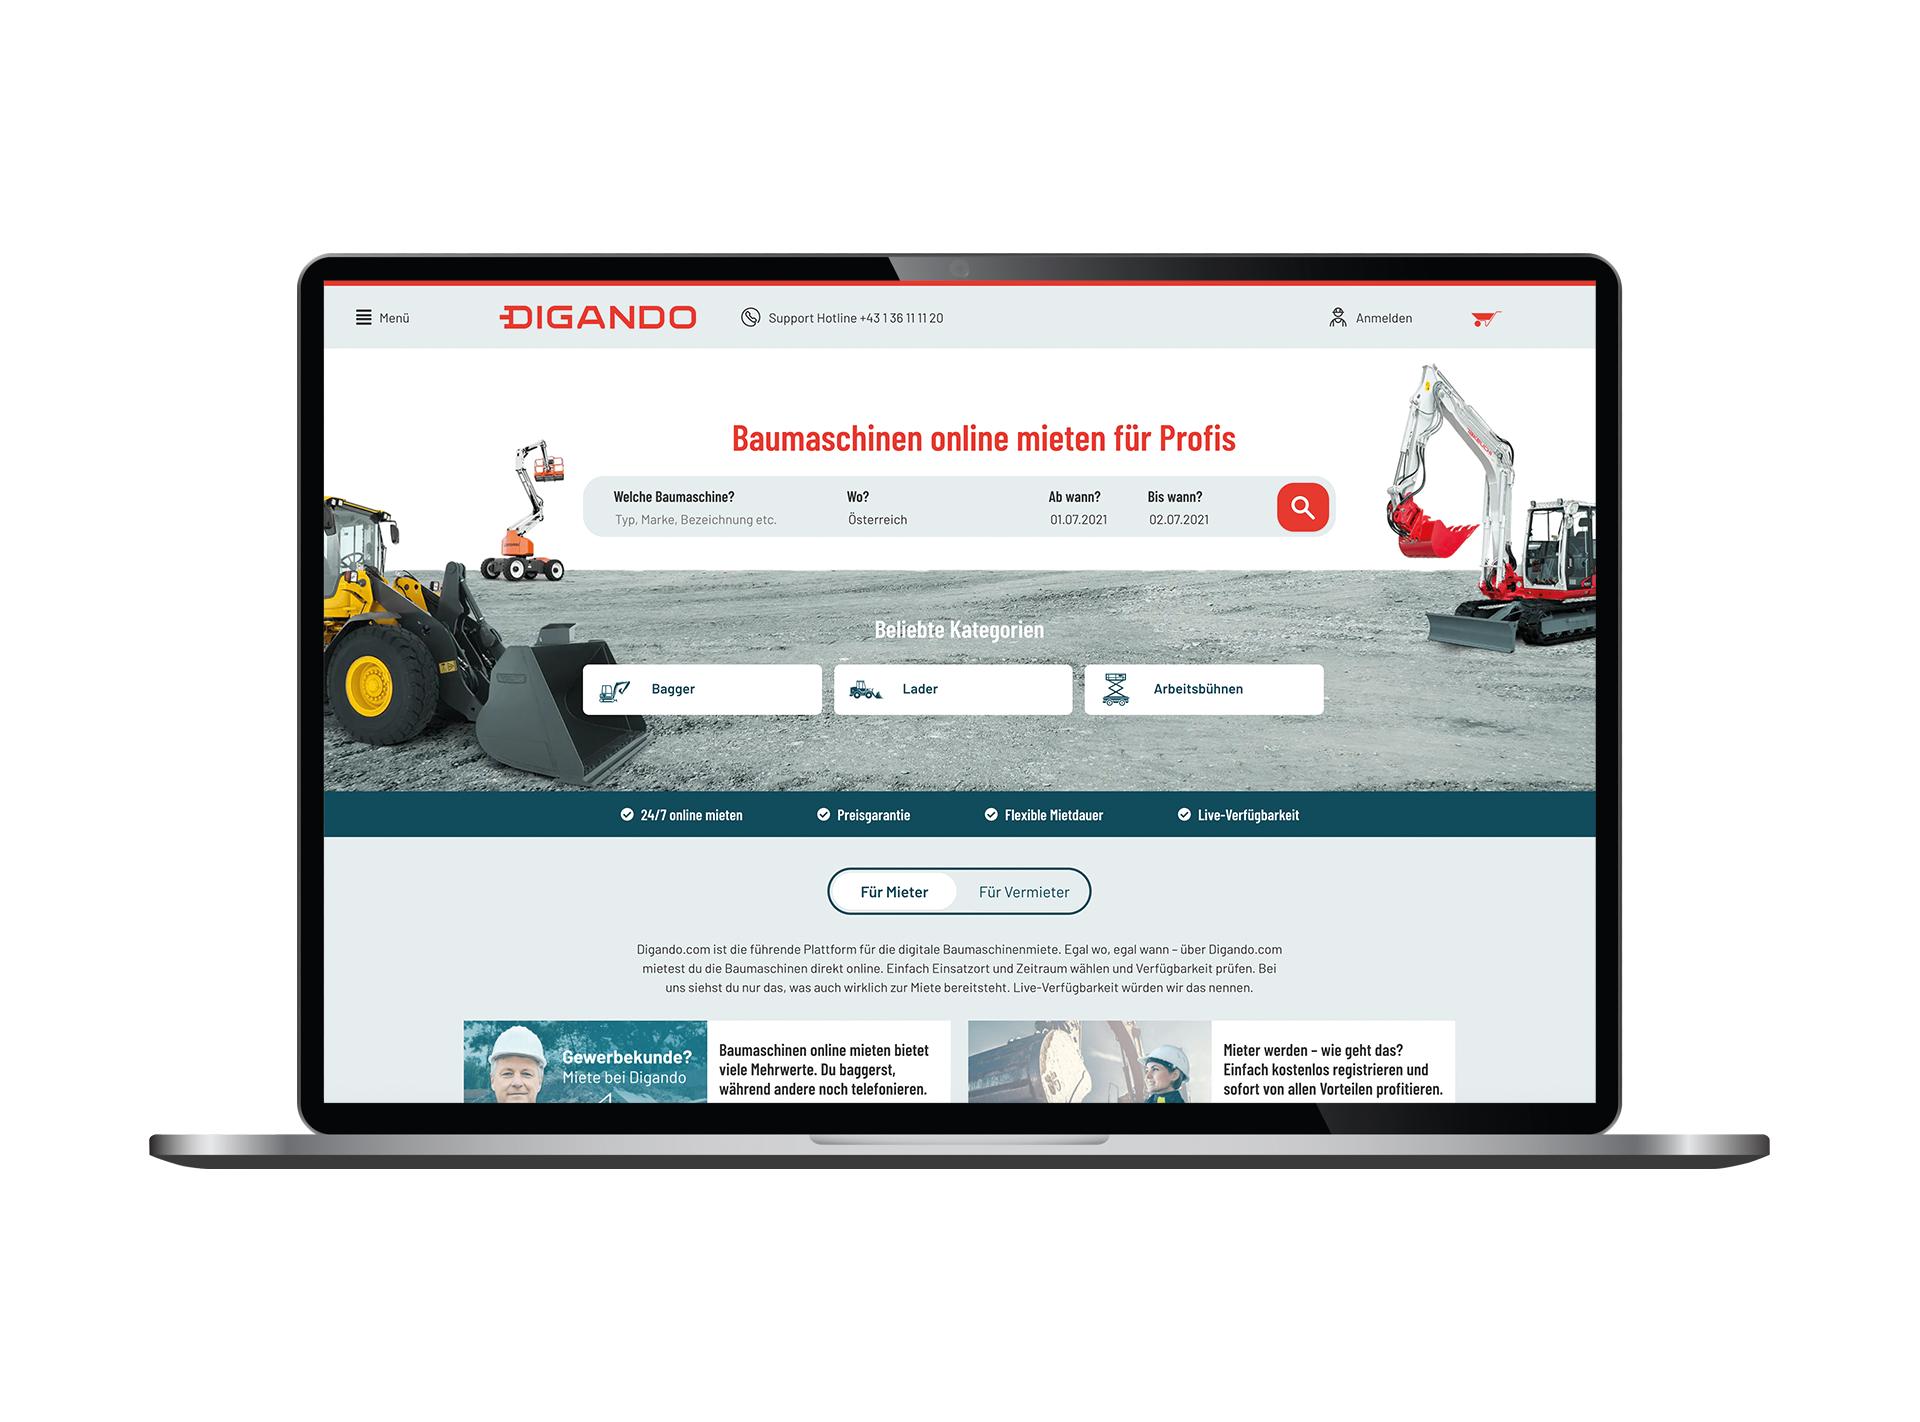 Die Website hat neue Funktionen und ein verbessertes Nutzererlebnis